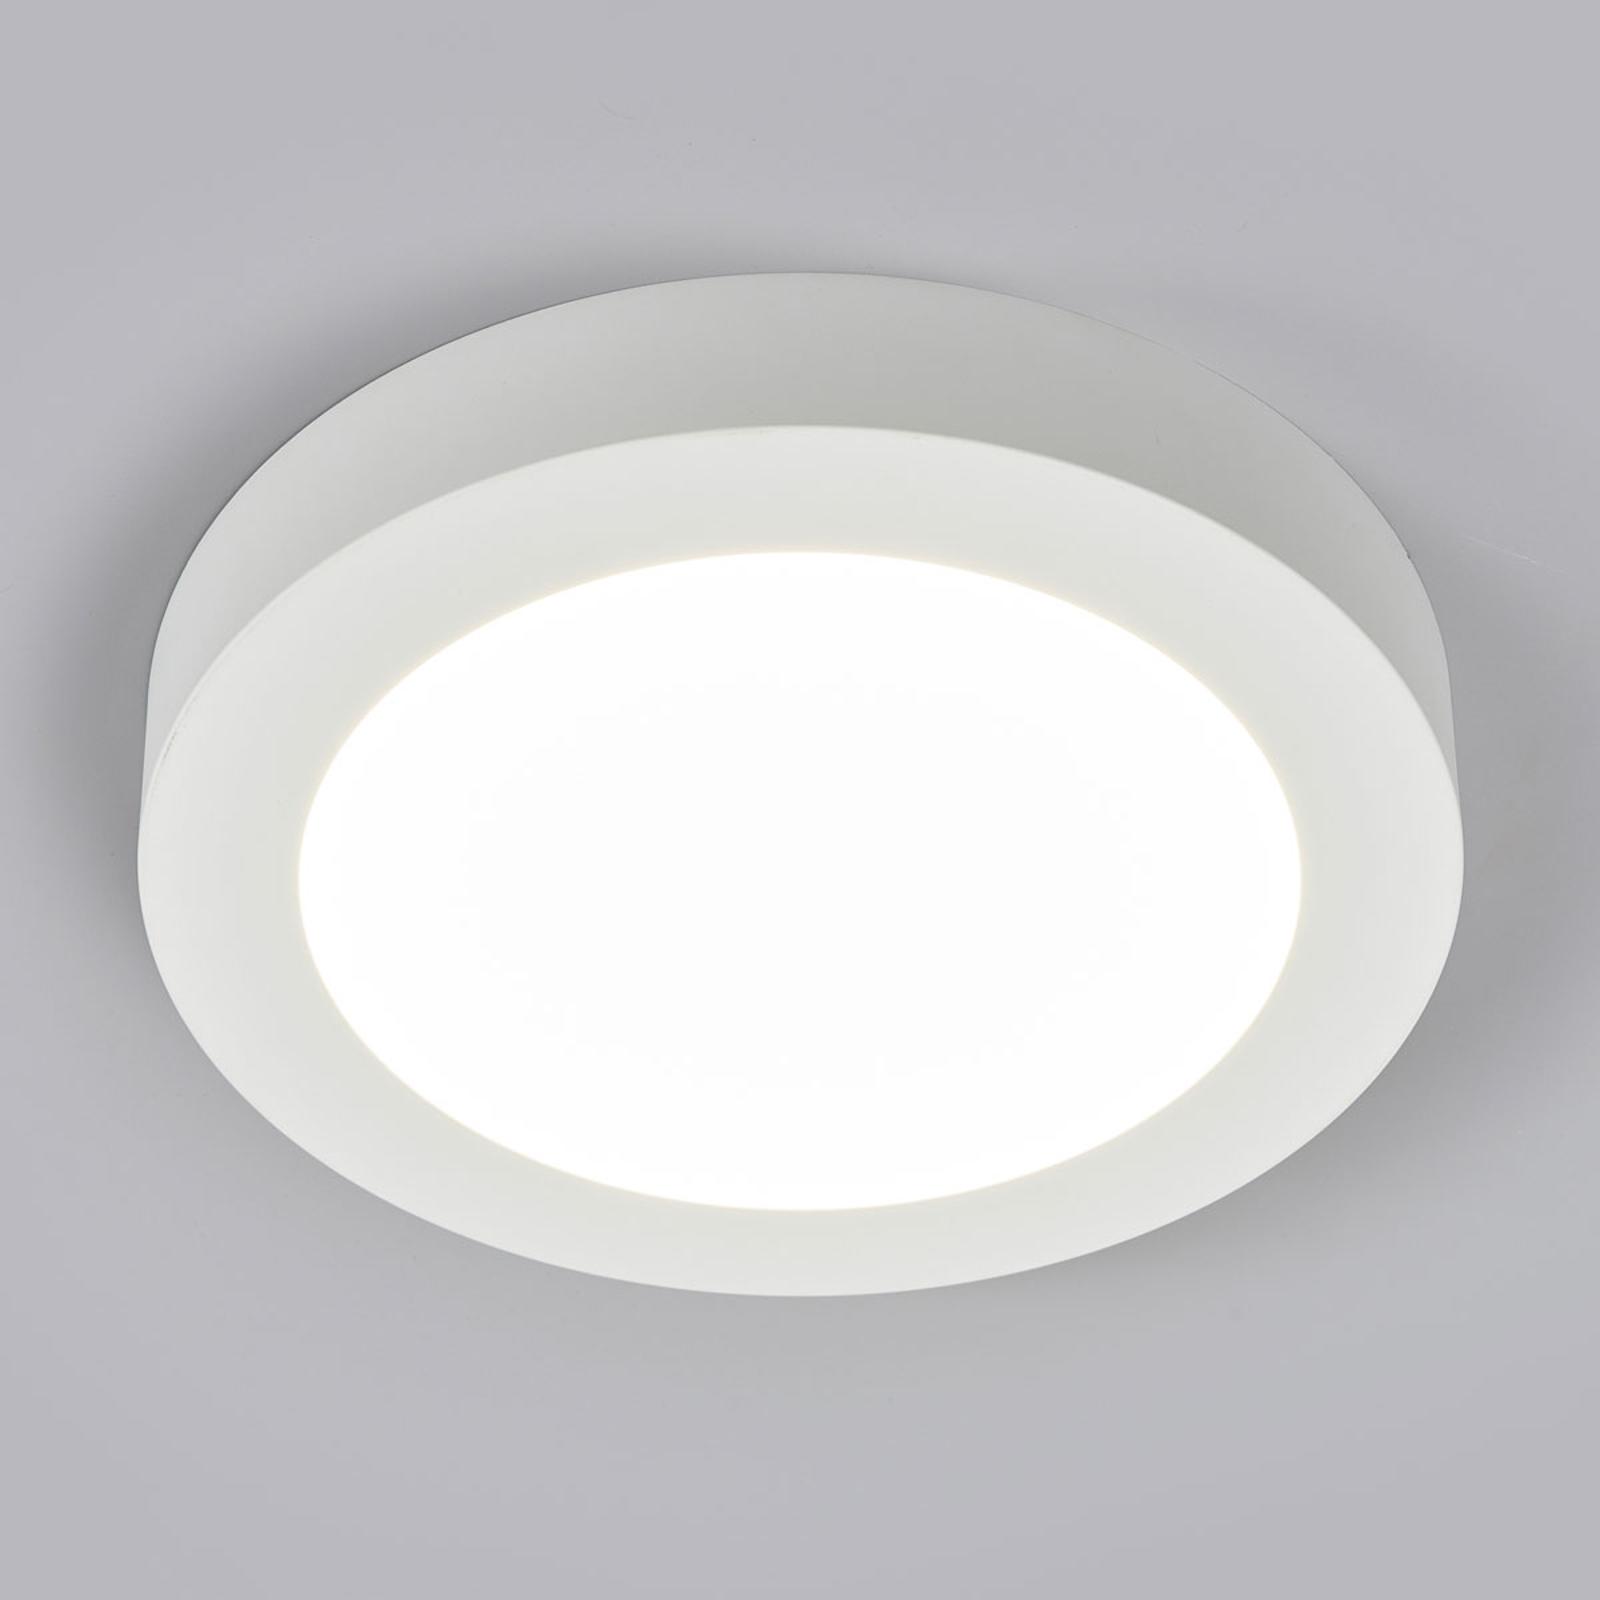 Marlo LED ceiling lamp white 4000K round 25.2cm_9978065_1